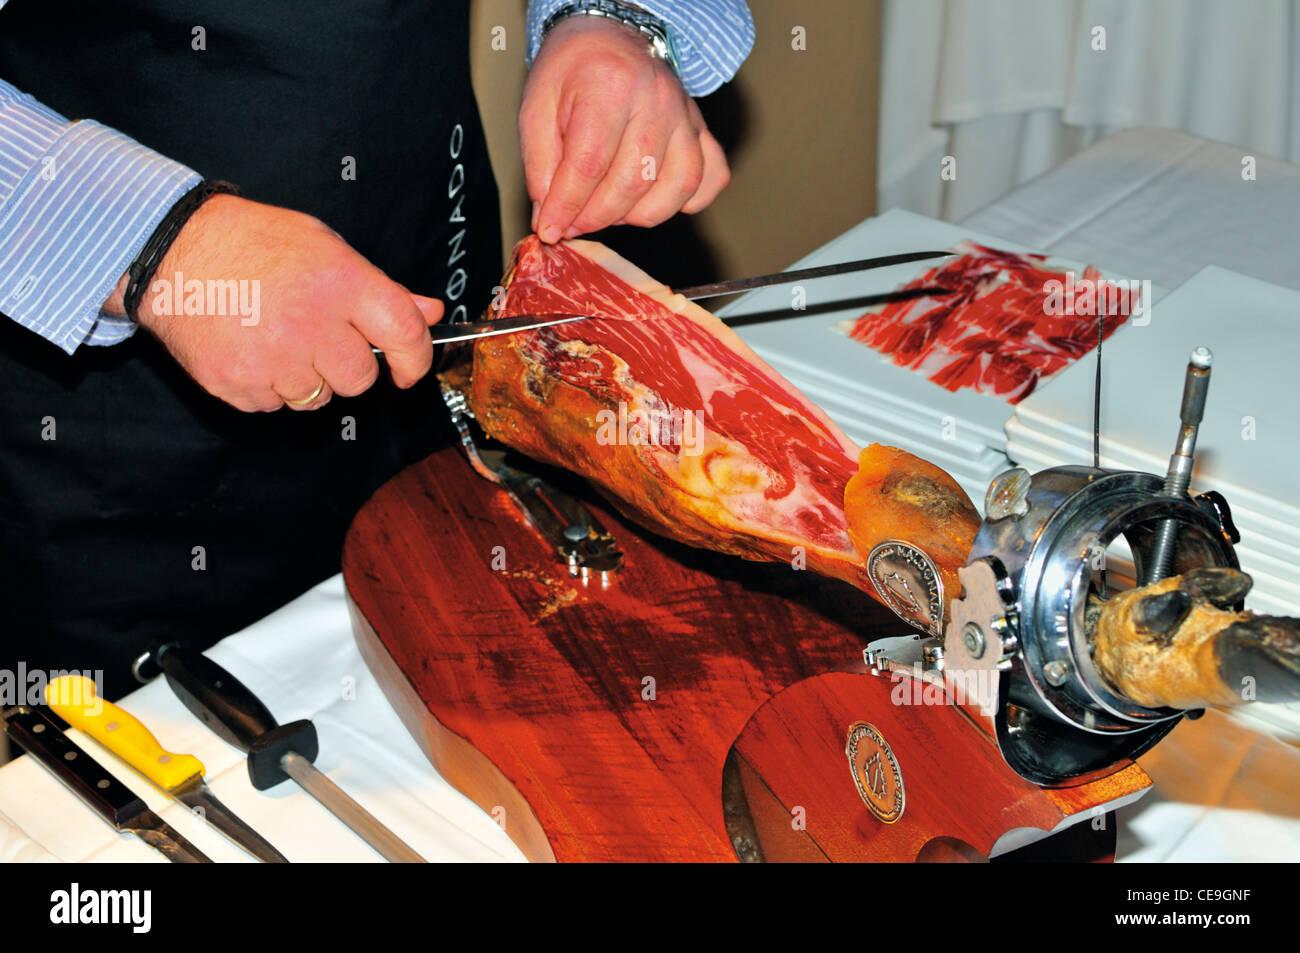 Portugal, Algarve: Spanish Maldonado ham as specialty during the Gourmet Festival 2012 in the Resort Vila Joya in - Stock Image